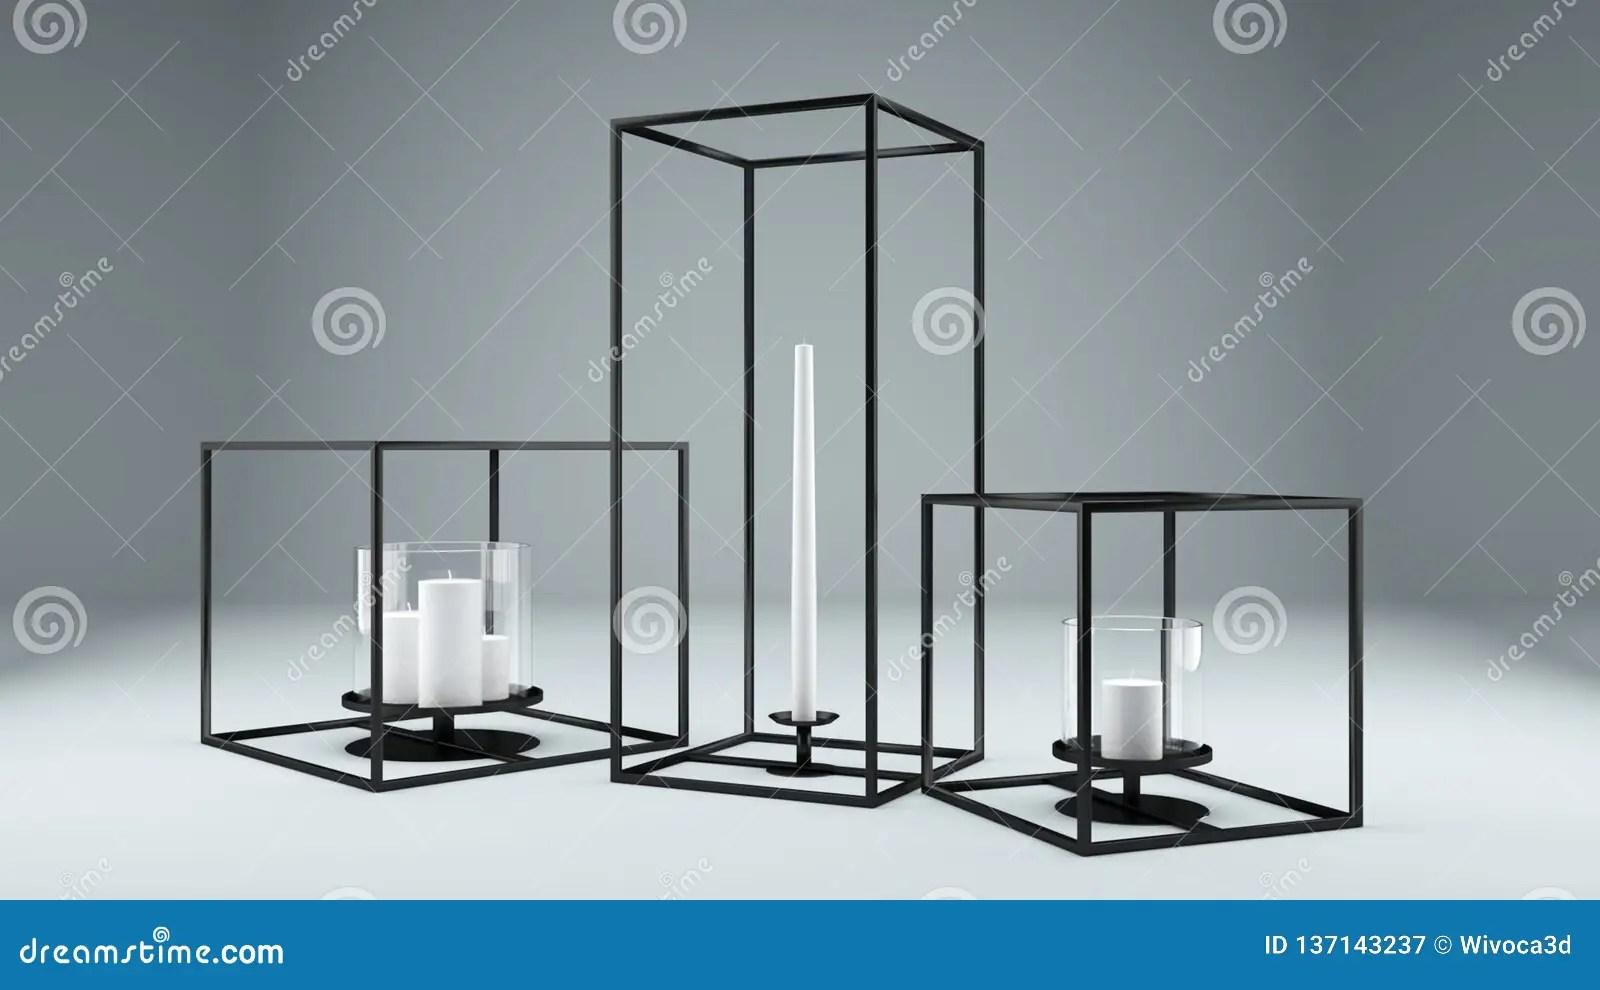 Modern Rectangular Metal Framed Candle Holder Stock Illustration Illustration Of Rectangular Candle 137143237